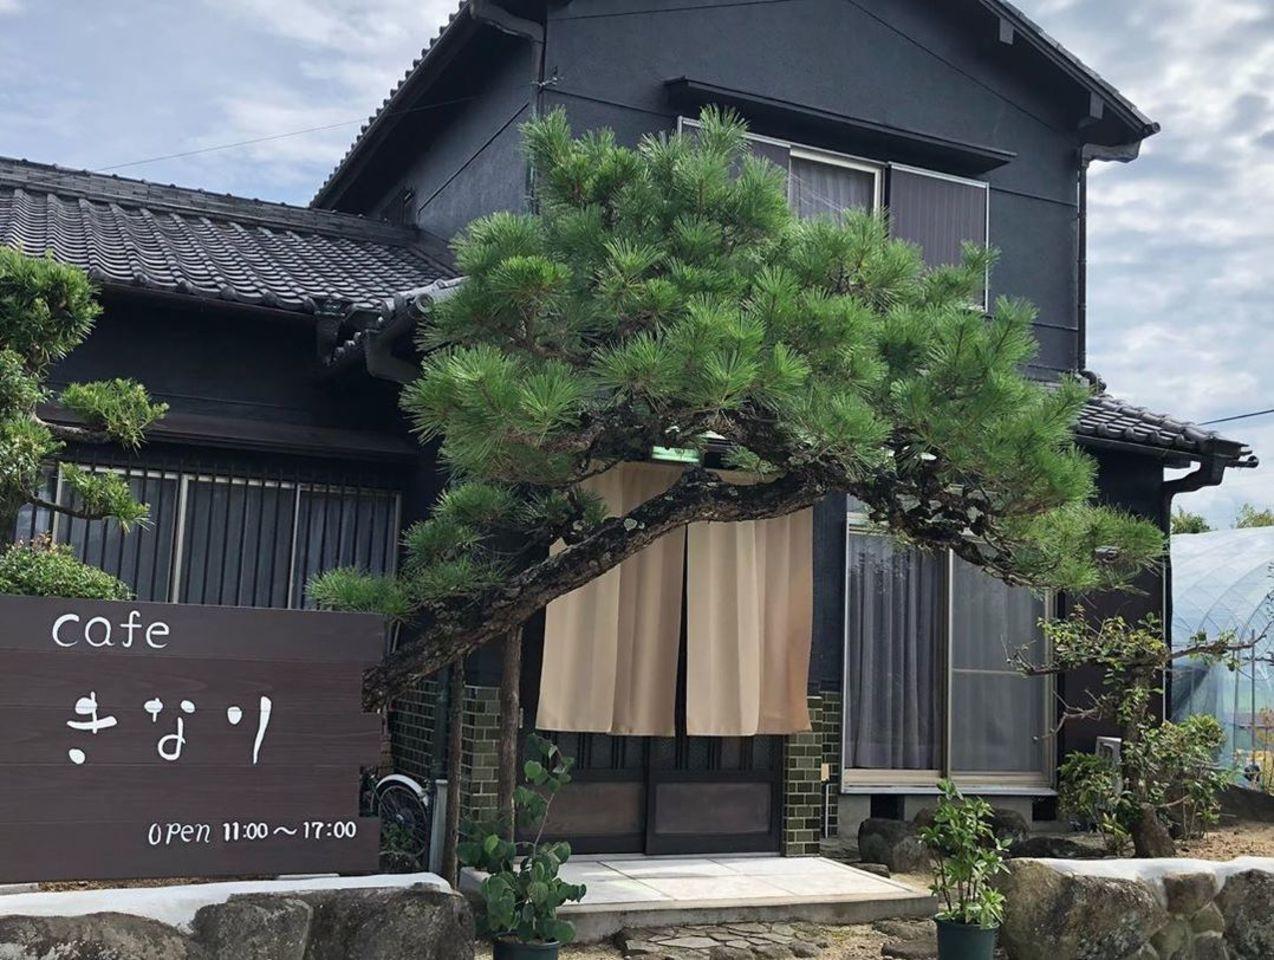 祝!8/2open『カフェきなり』古民家カフェ(奈良県橿原市)